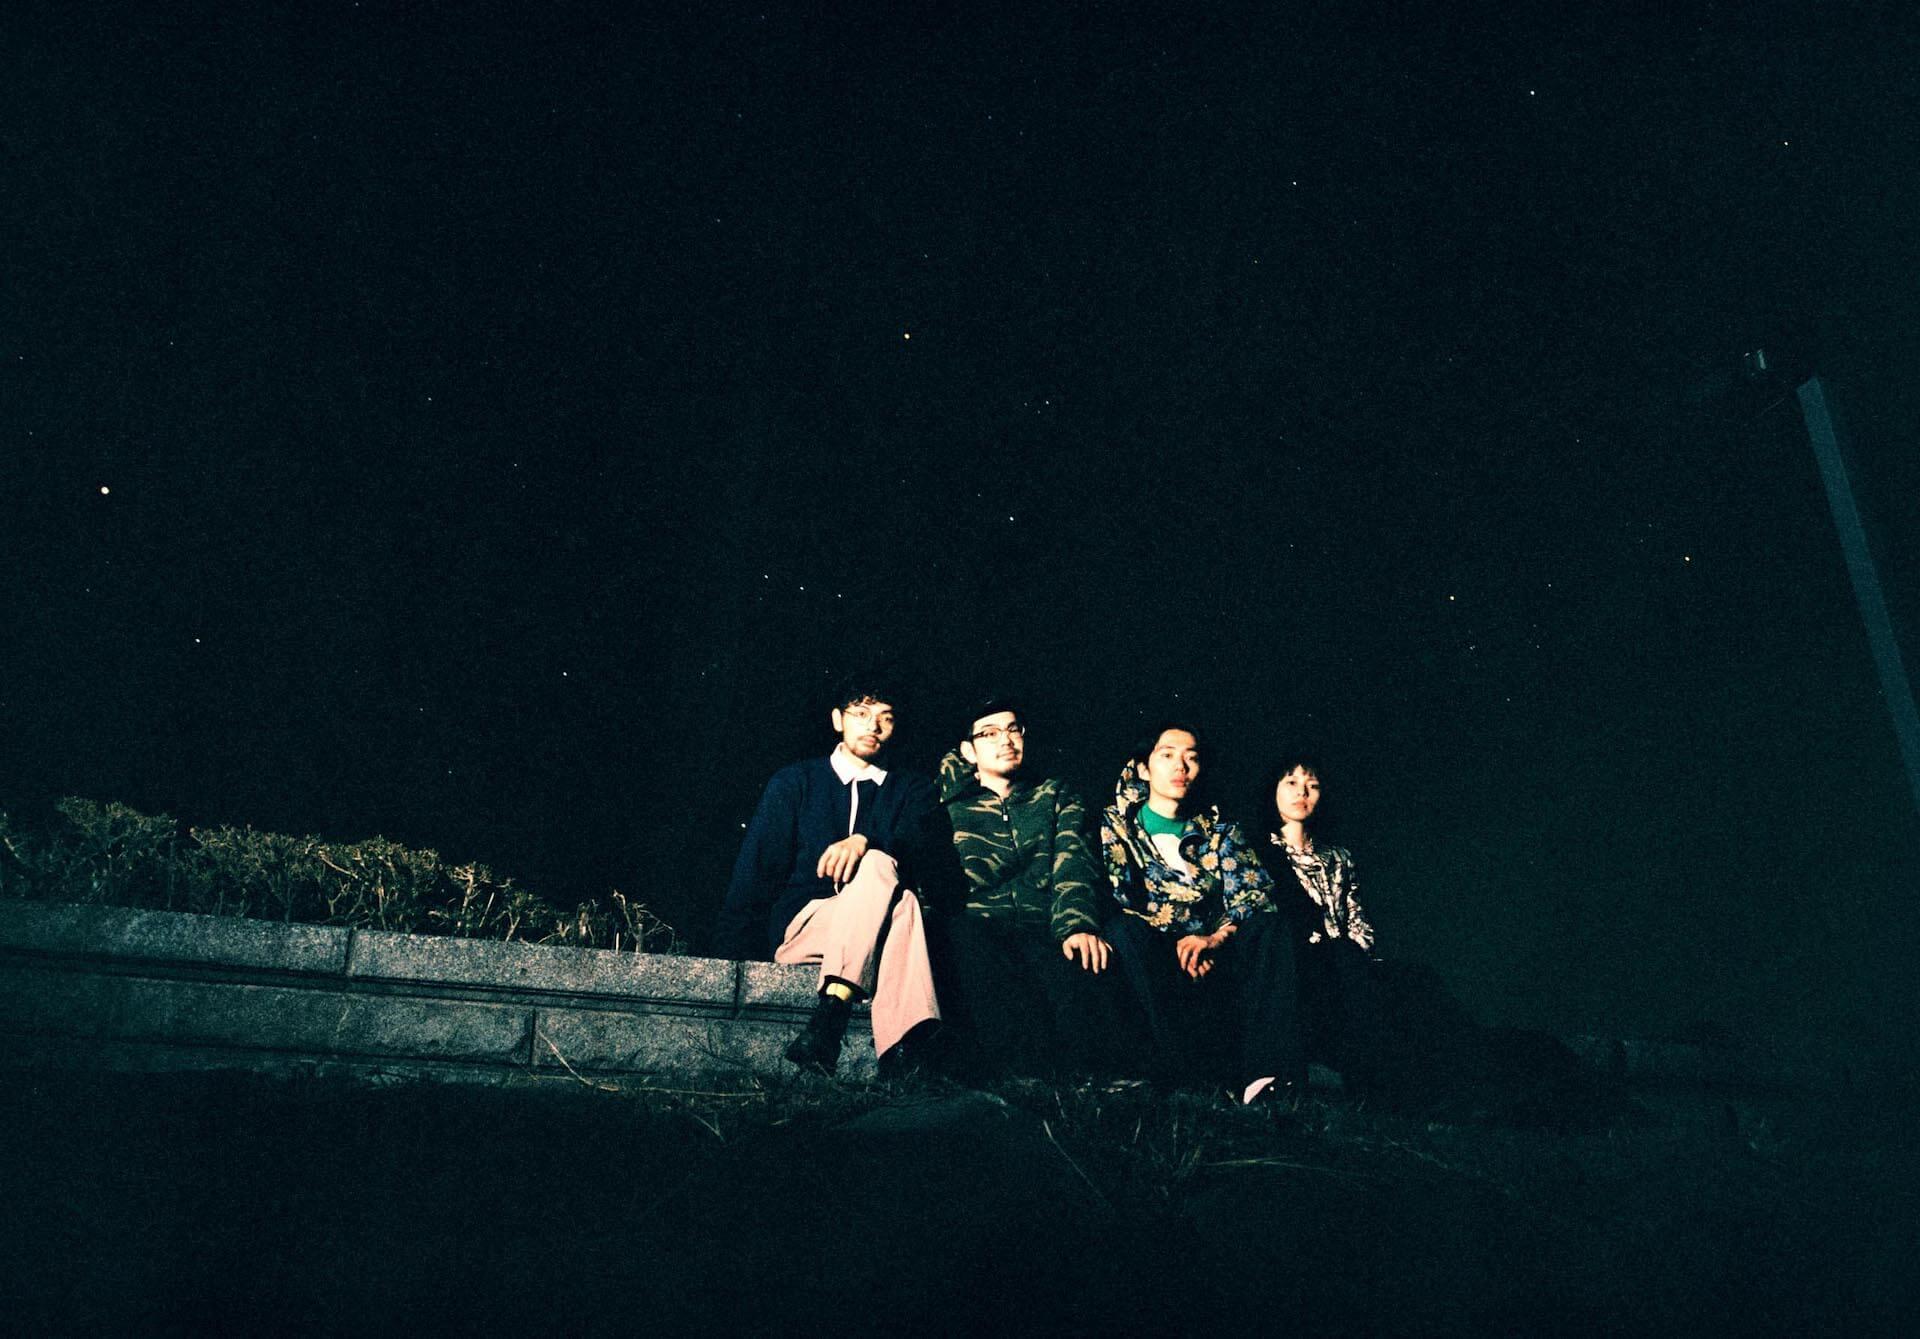 """MONO NO AWAREが『行列のできる方舟』からの先行シングル""""LOVE LOVE""""の先行デジタルリリースを発表!リリックビデオもプレミア公開決定 music210514_mononoaware_1"""